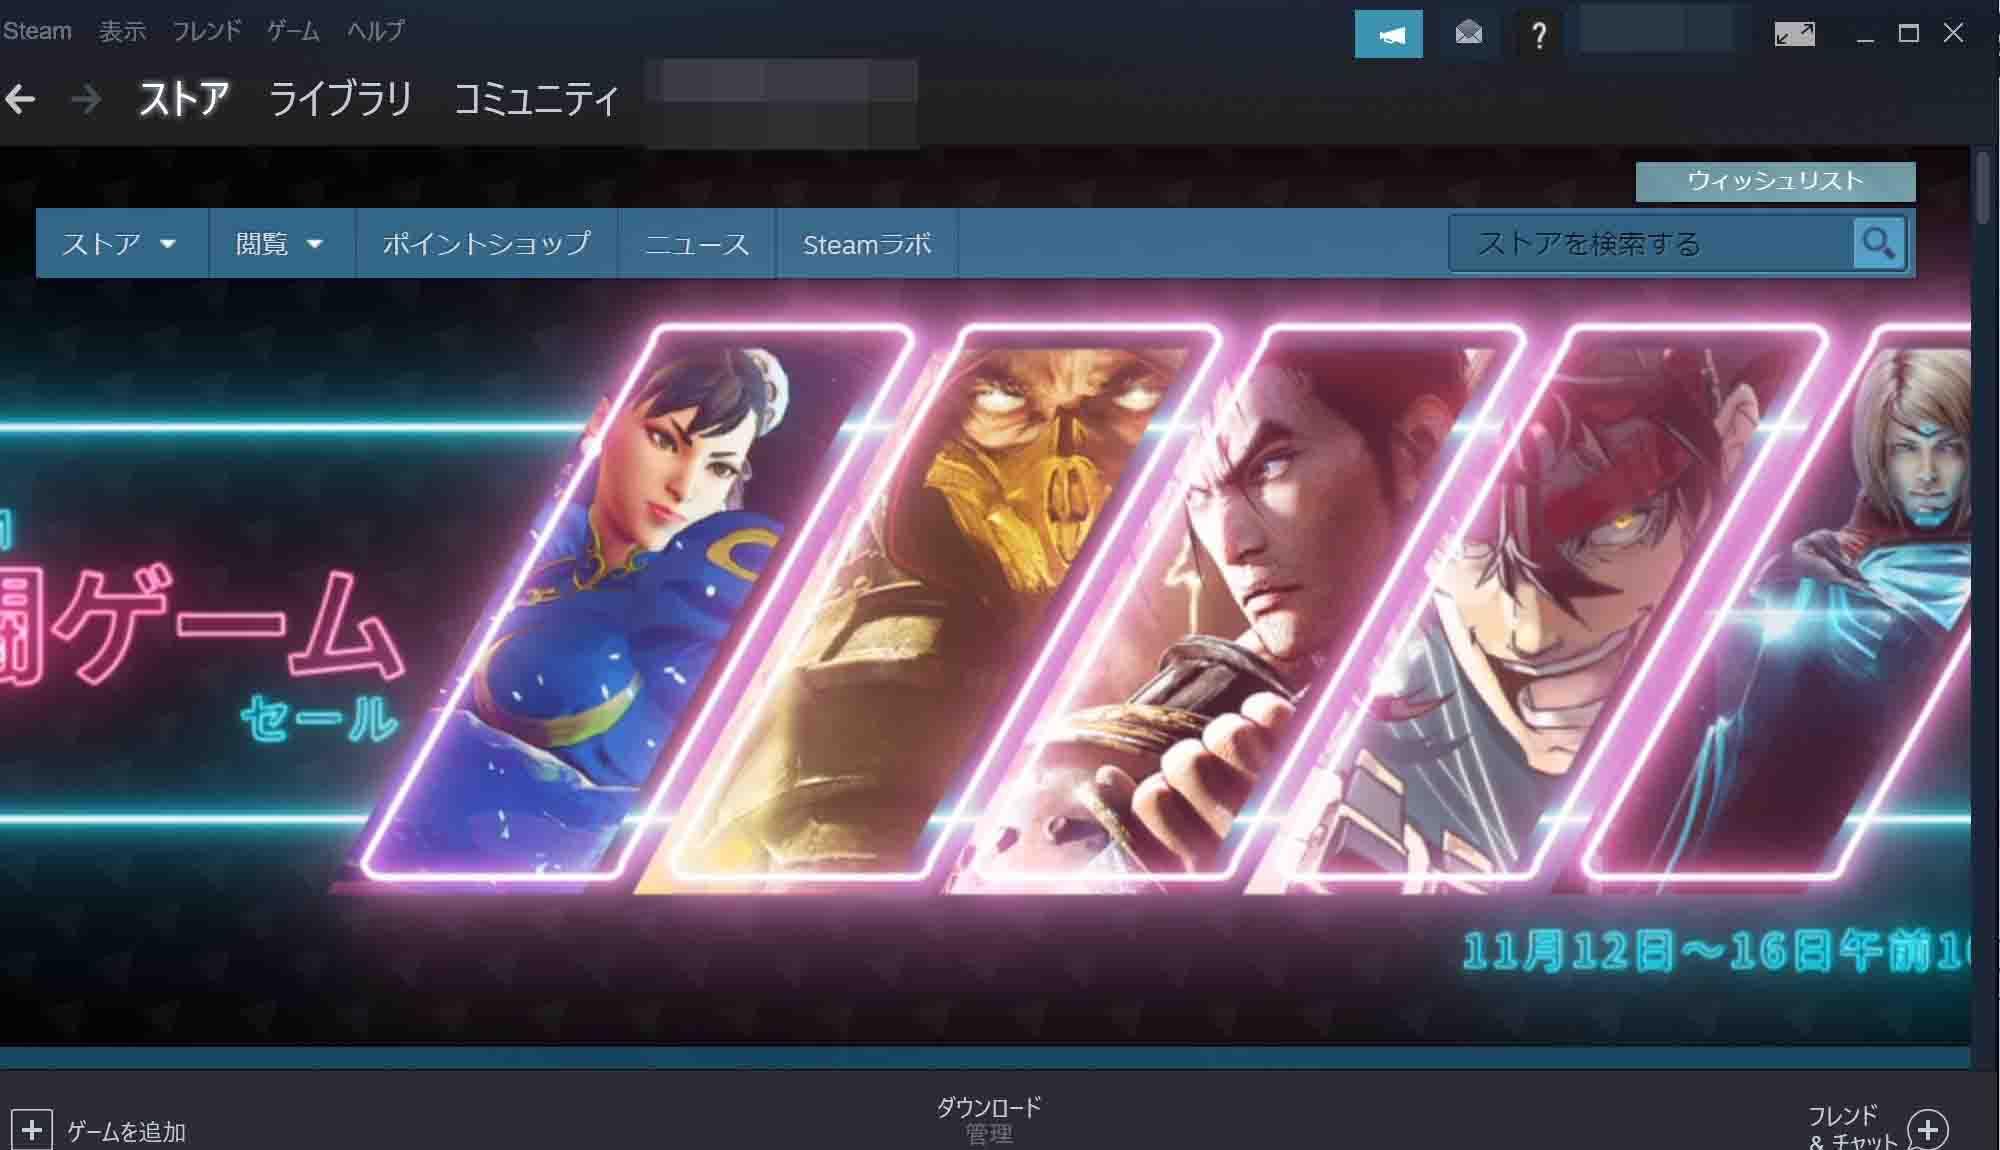 通常、初期設定のままSteamを利用していますと、Steamを起動した際にはこのようにストア画面が表示されているかと思います。